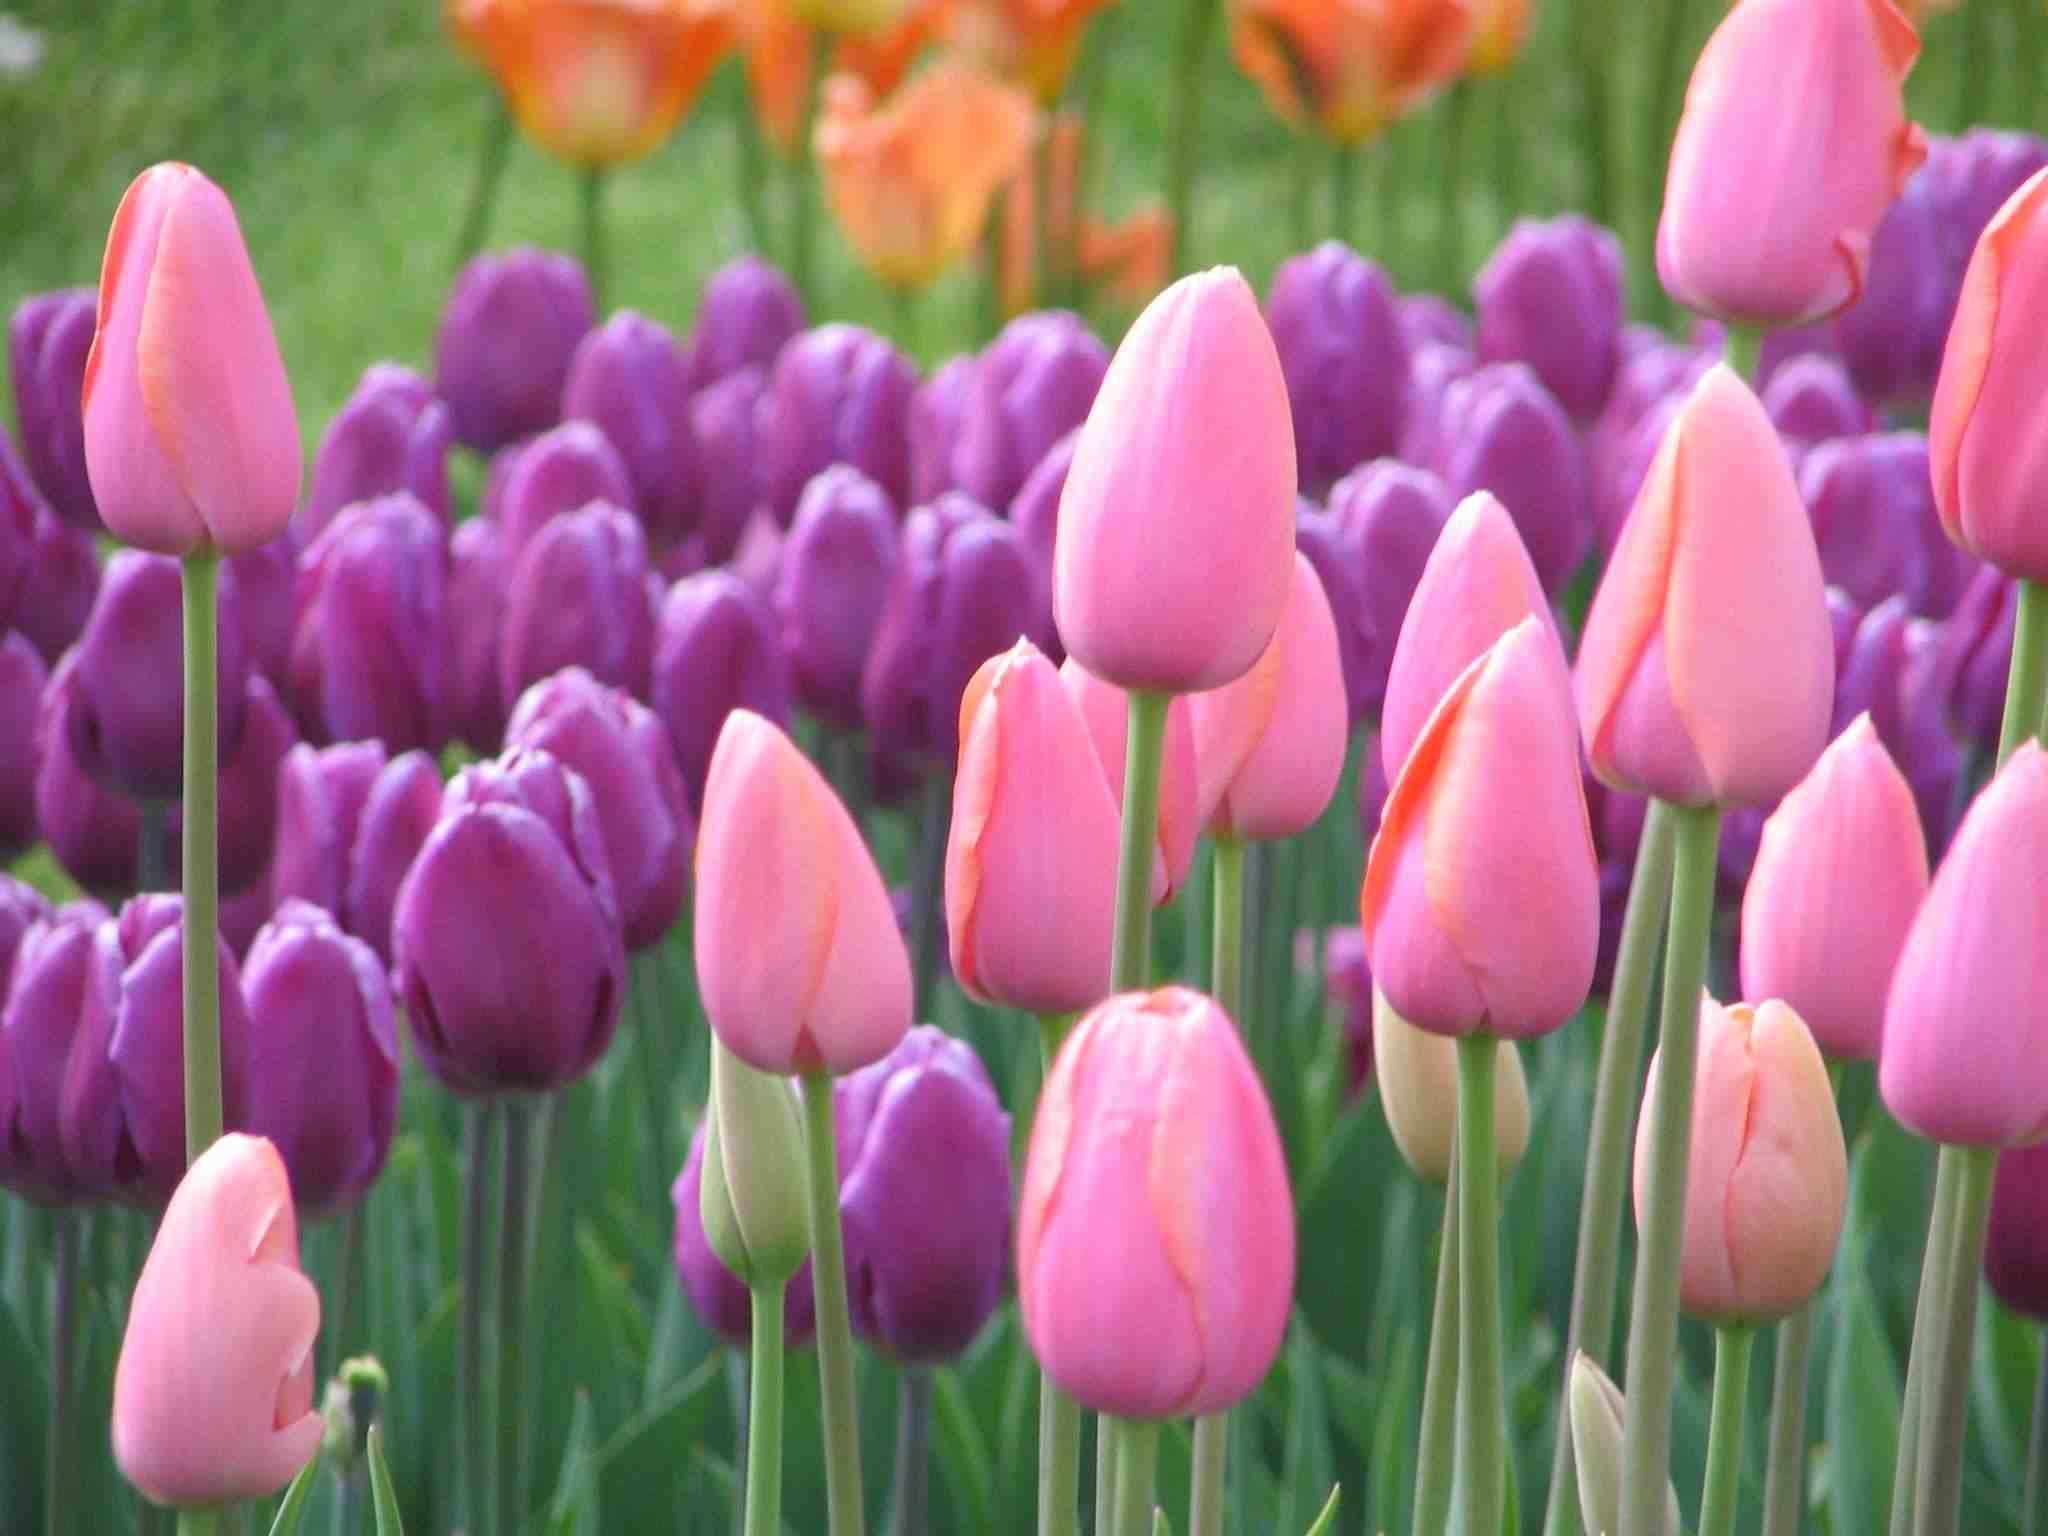 Google Image Result For Http Www Beginner Gardening Com Images Pinkpurpletuli Bunga Bunga Indah Bunga Cantik Bunga Tulip